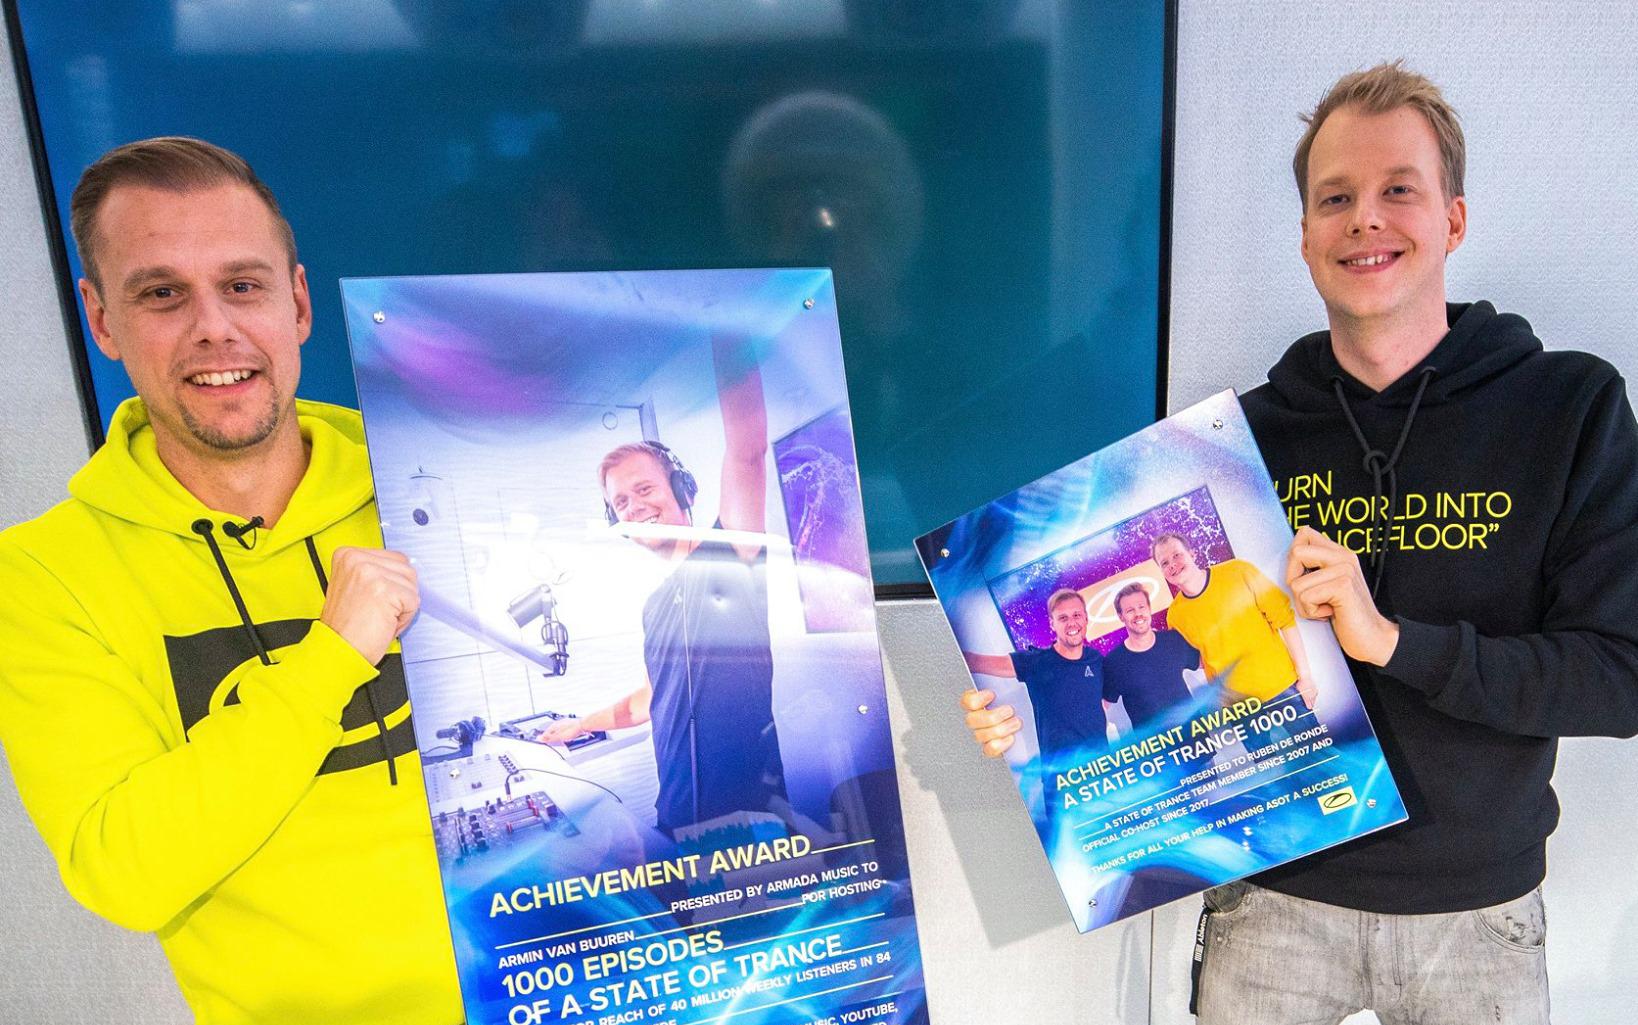 Armin van Buuren atinge 1000 episódios no ASOT e divulga lançamento do evento de 2 dias que acontecerá em setembro